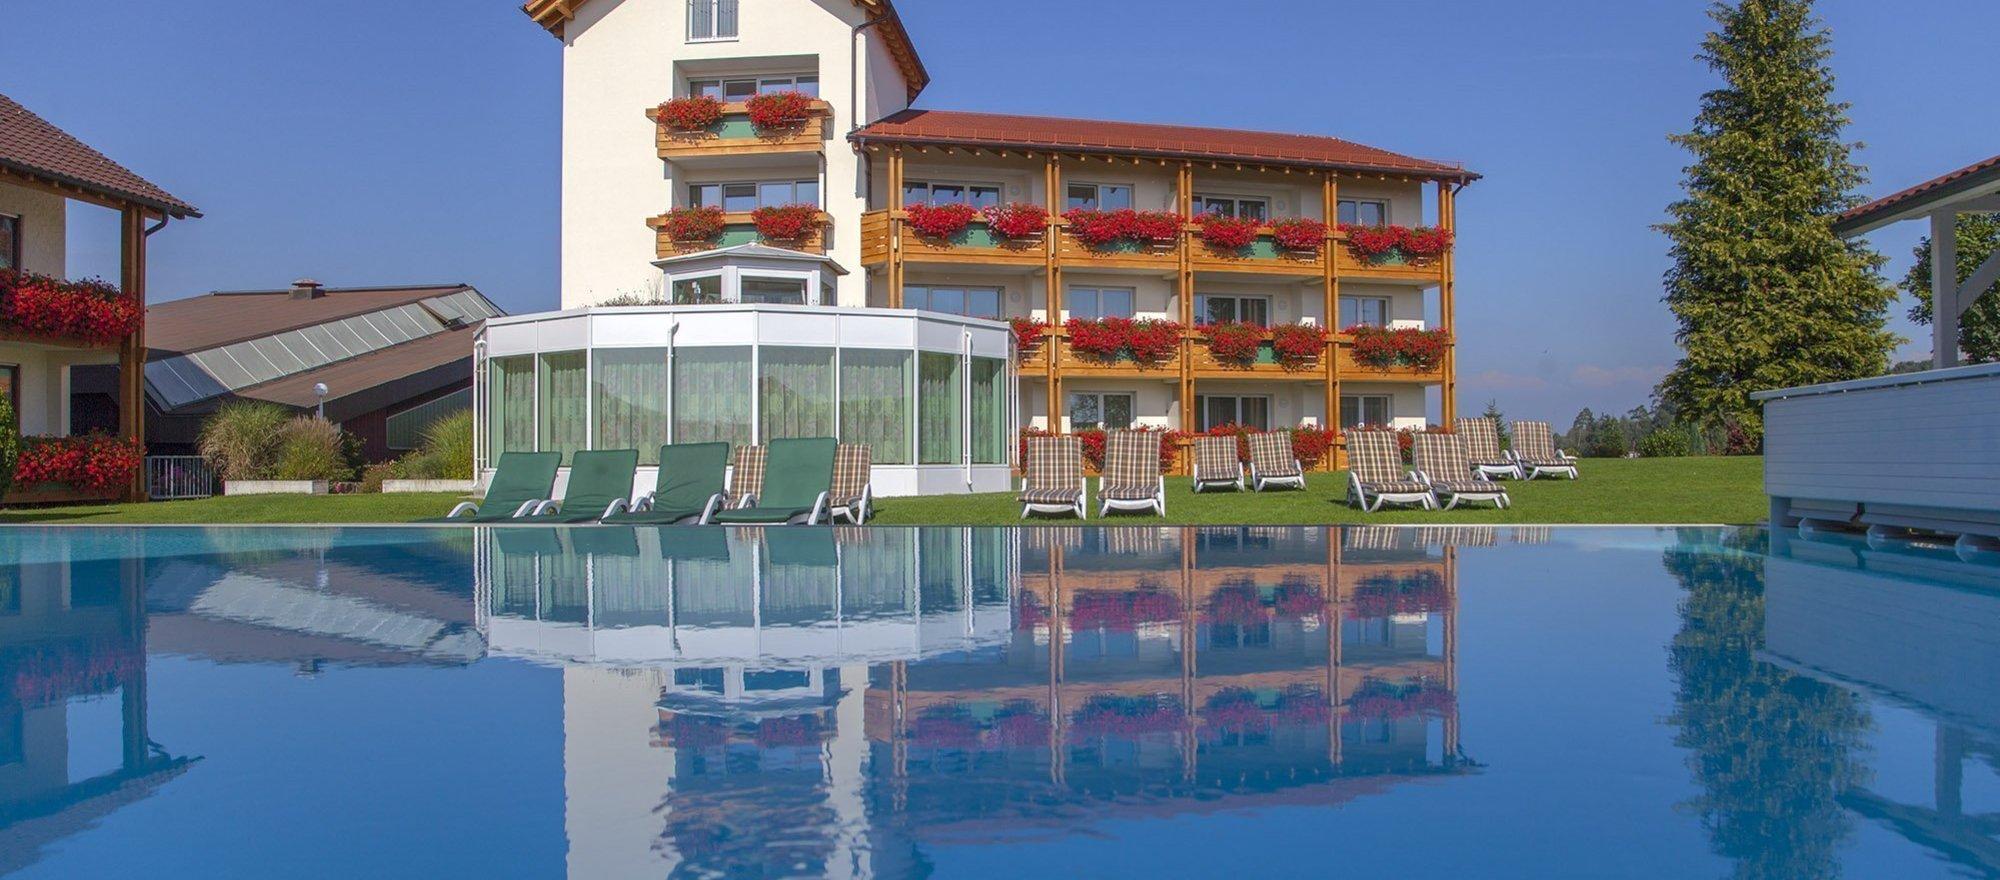 Ringhotel Krone Schnetzenhausen In Friedrichshafen Baden